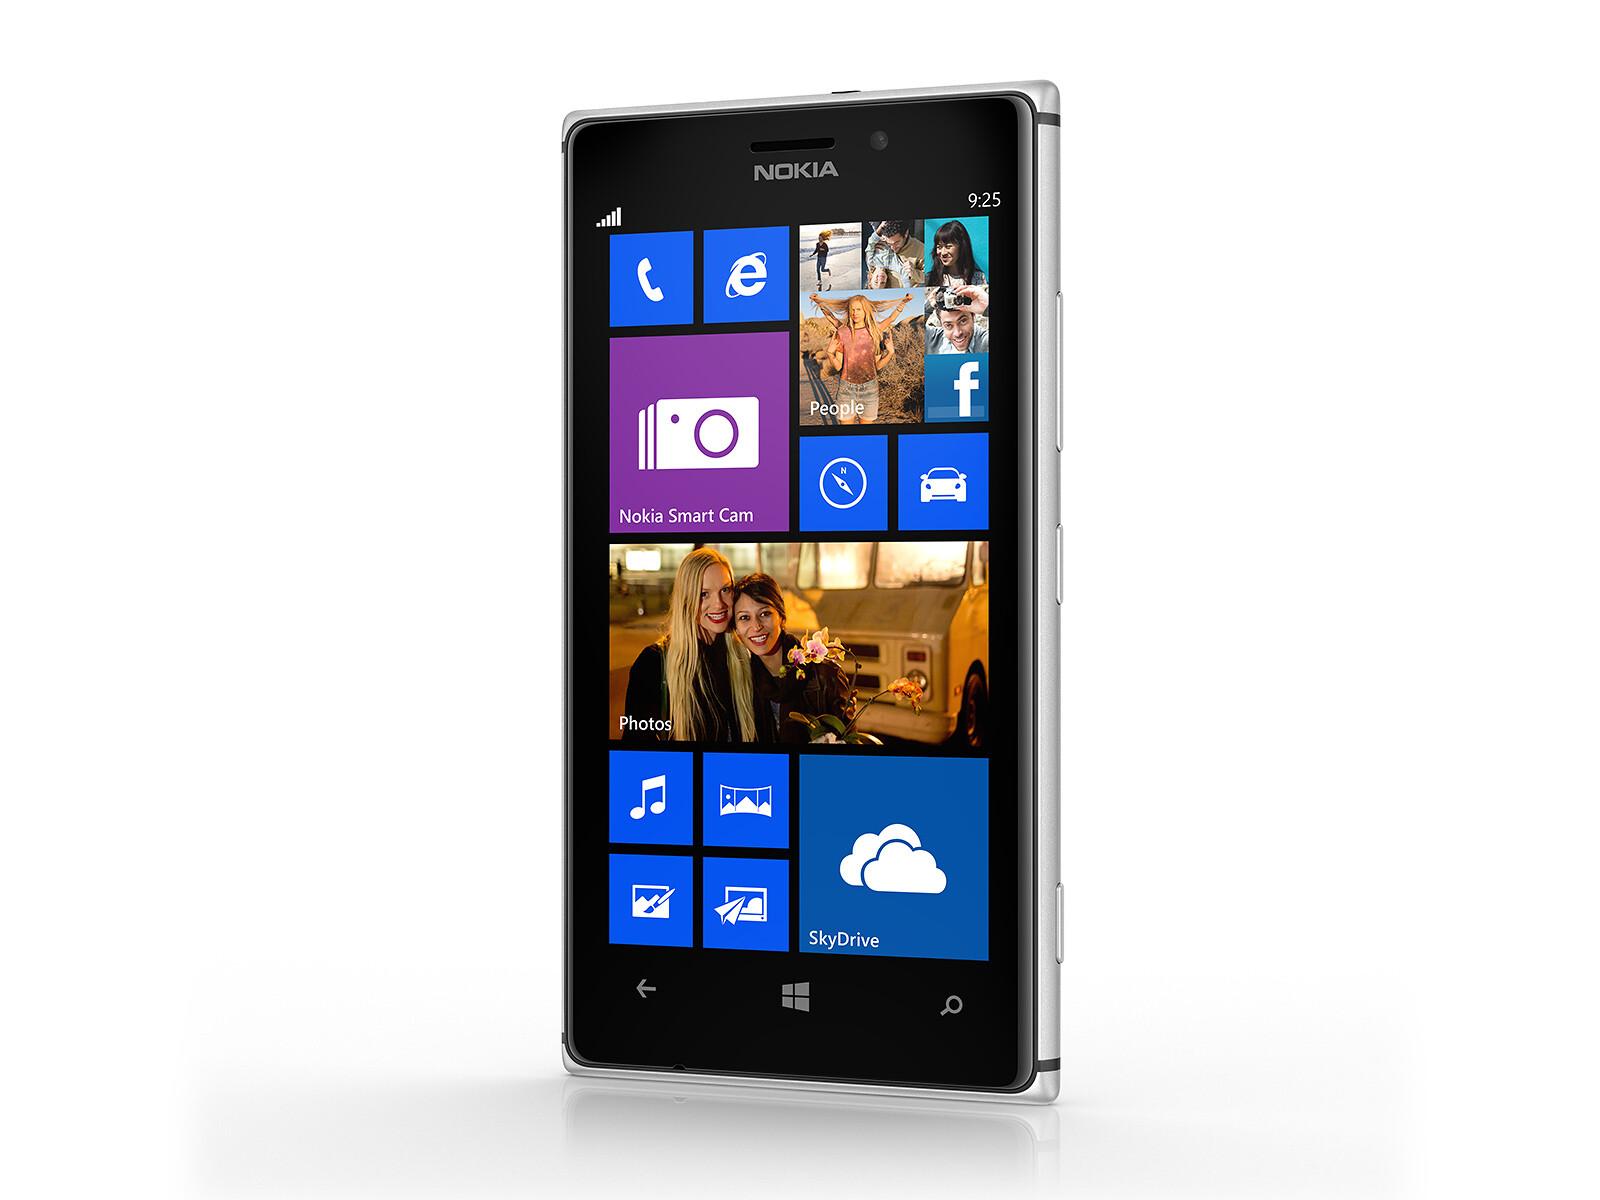 Nokia Lumia 925 Specs